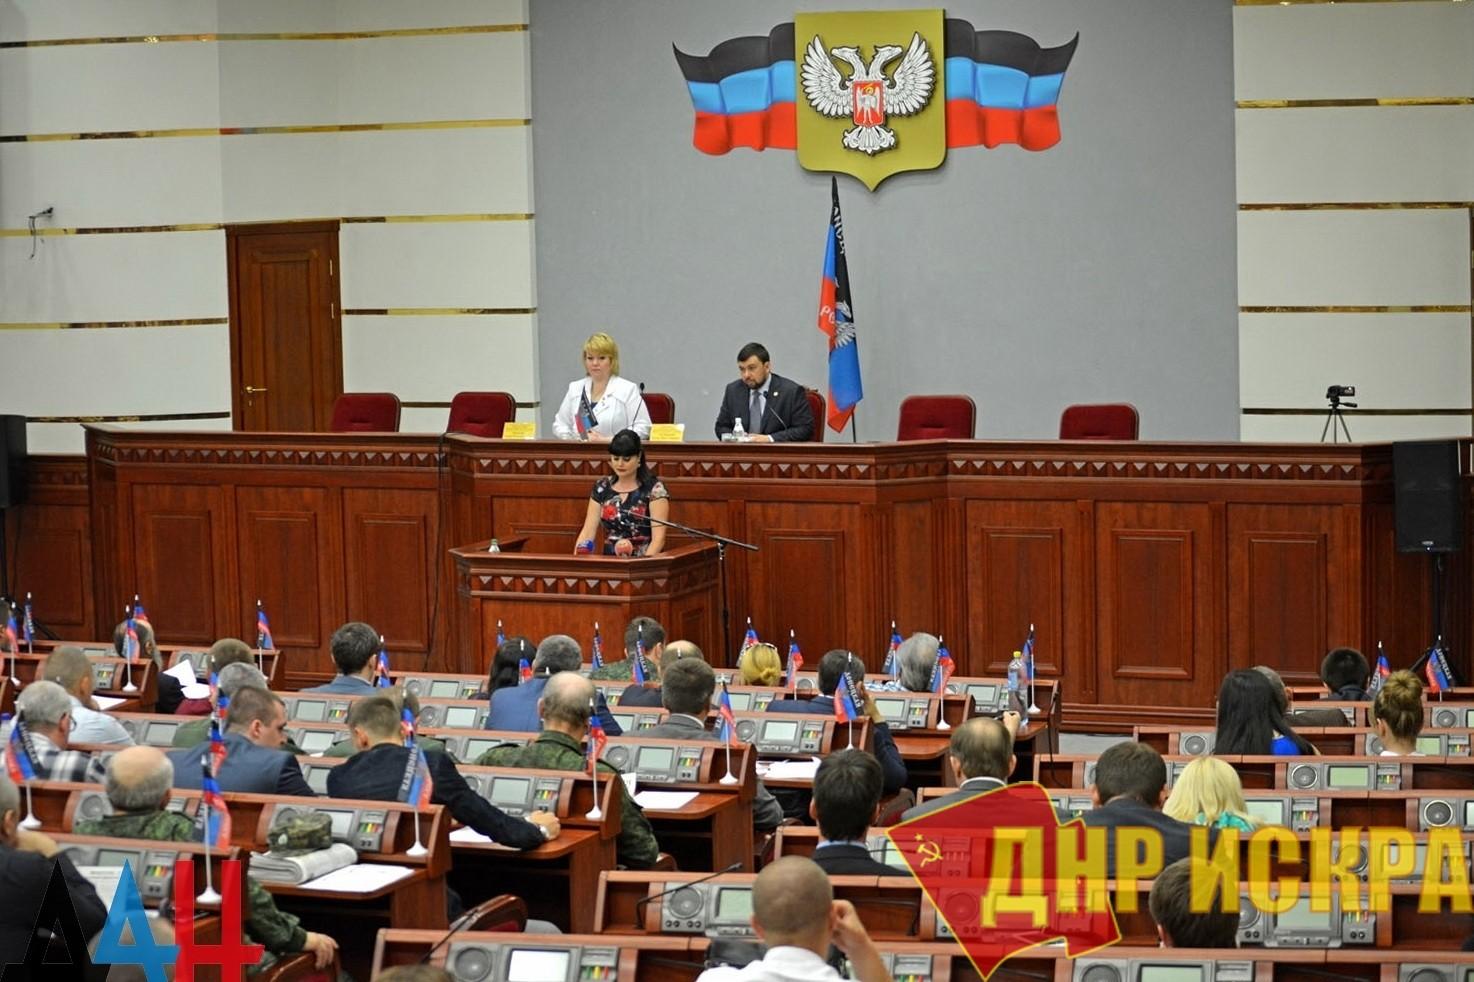 Переворот в ДНР продолжается: Все министры ДНР отправлены в отставку — решение Народного Совета ДНР